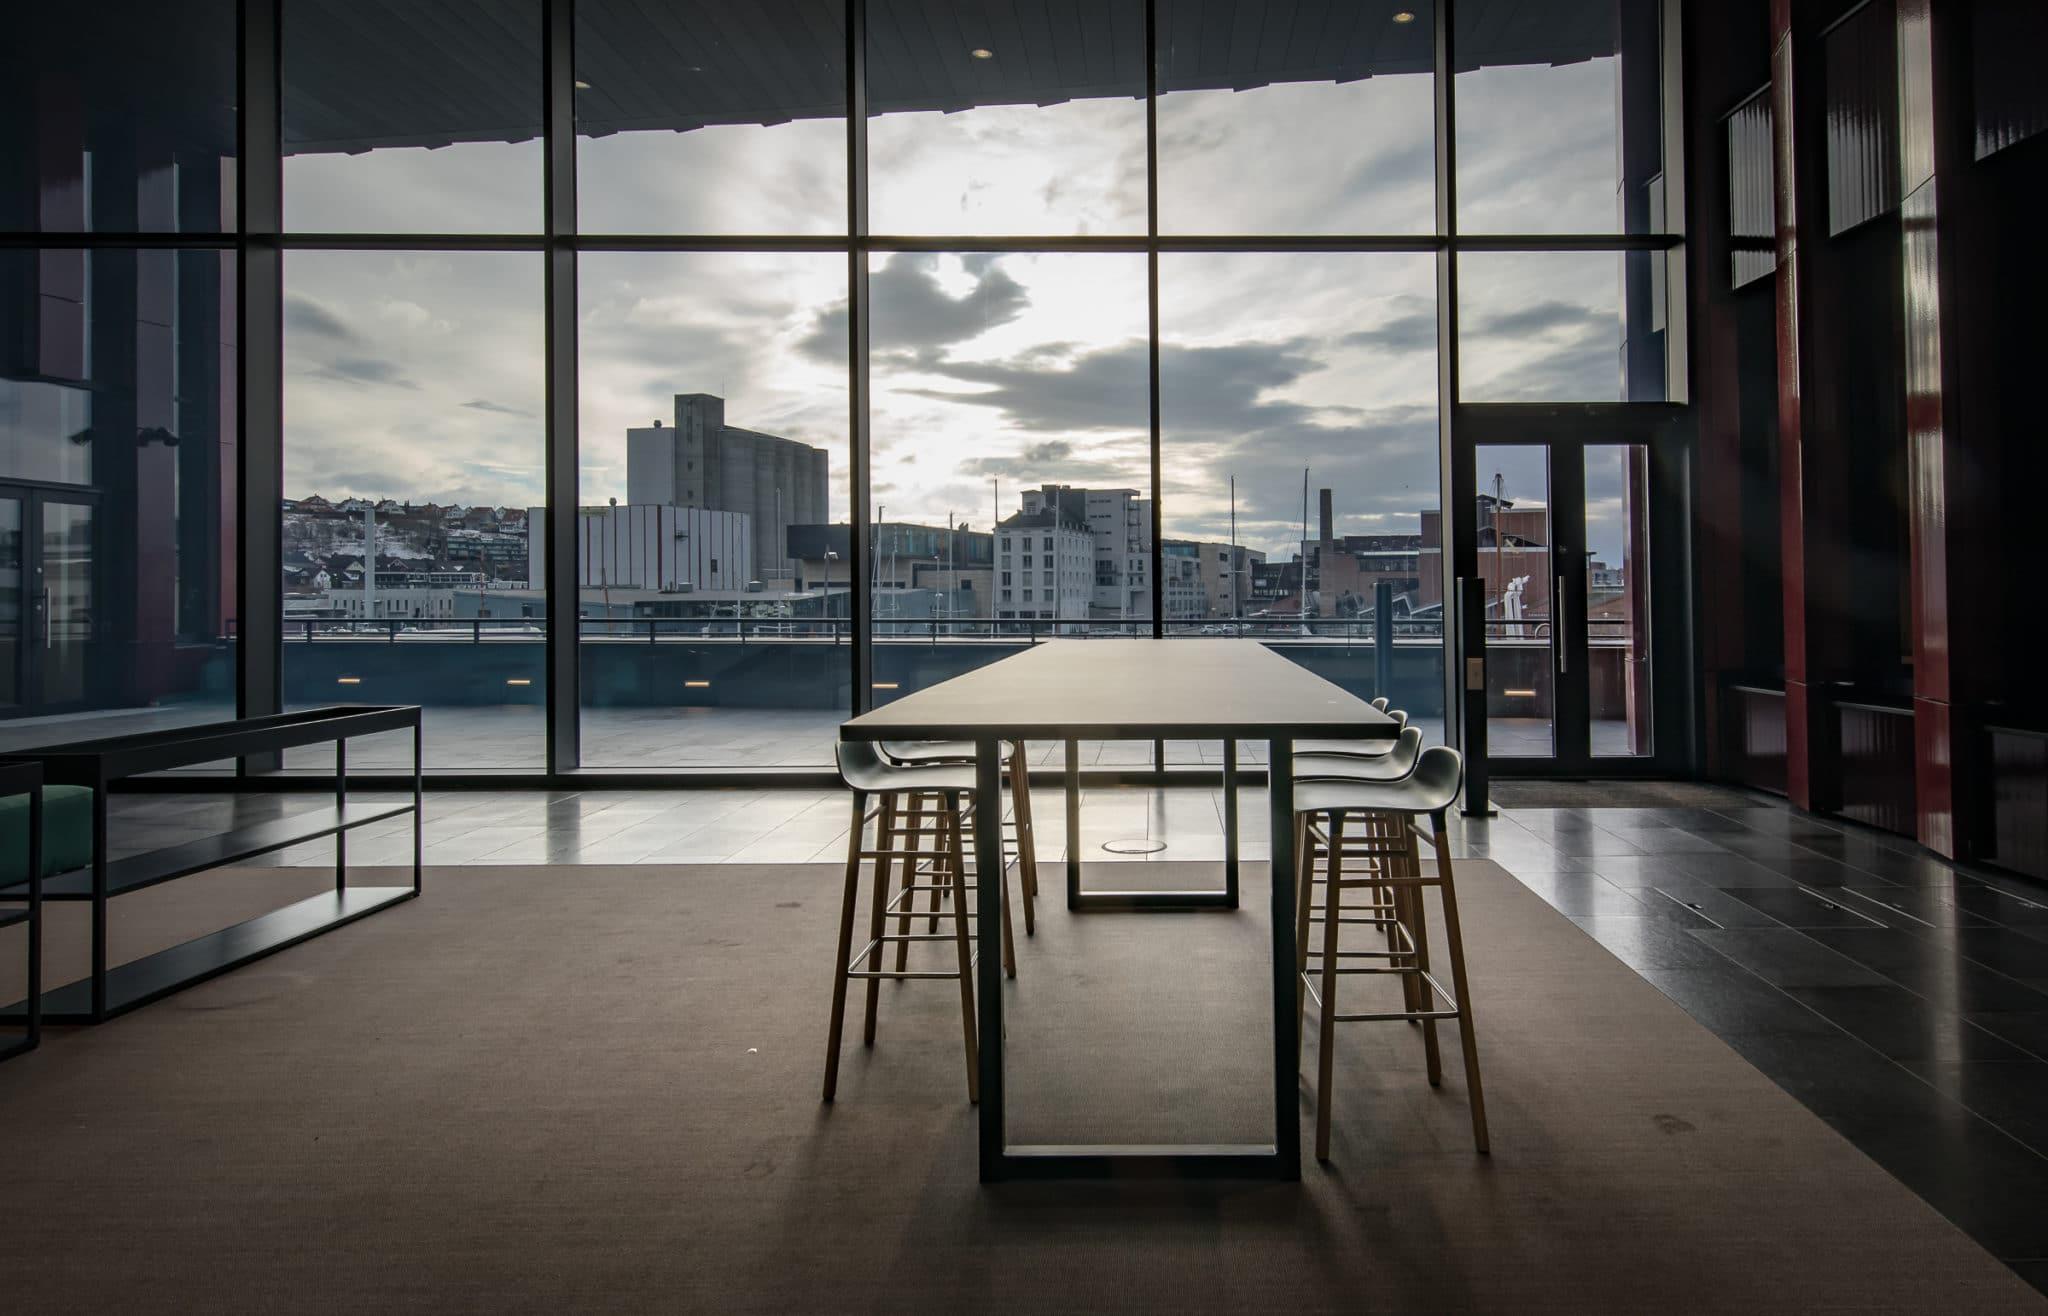 Lux ståbord. Aarsland. Foto: Sandnes Rådhus.